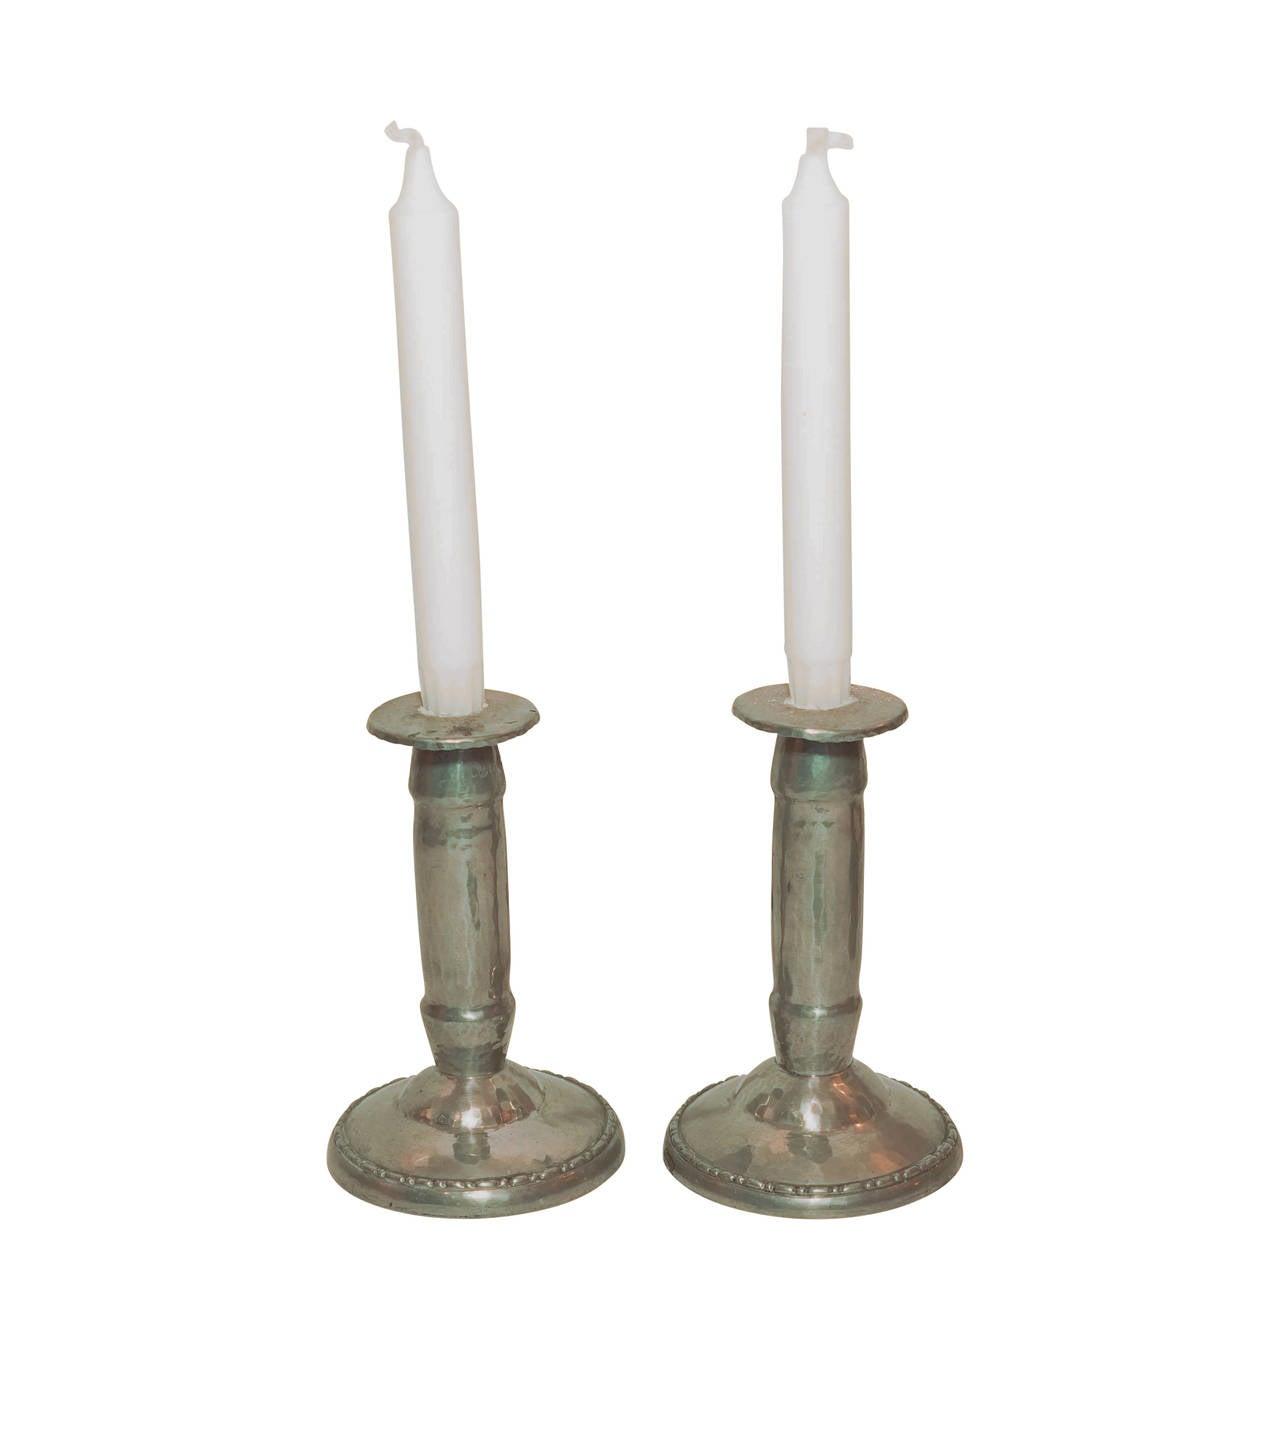 Swedish Jugendstil Table Lamp and Candlesticks For Sale